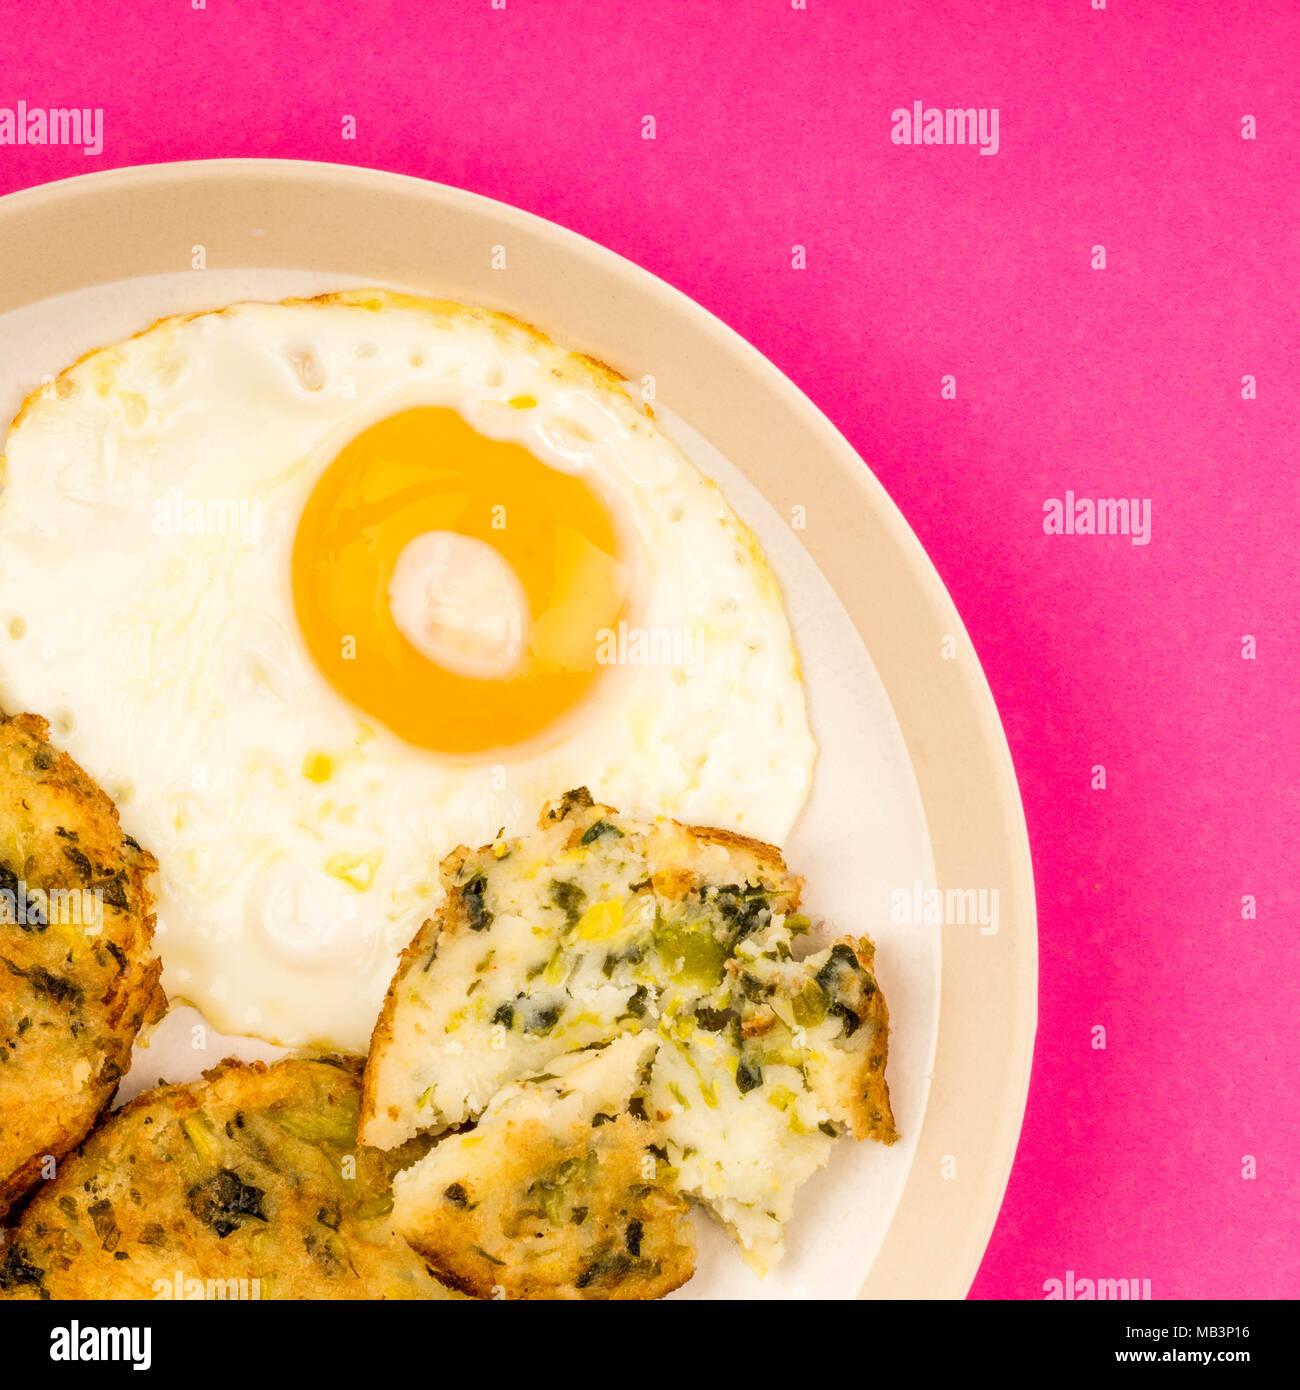 Spiegeleier auf einem Teller mit Bubble und Squeak Frikadellen Essen Stockbild